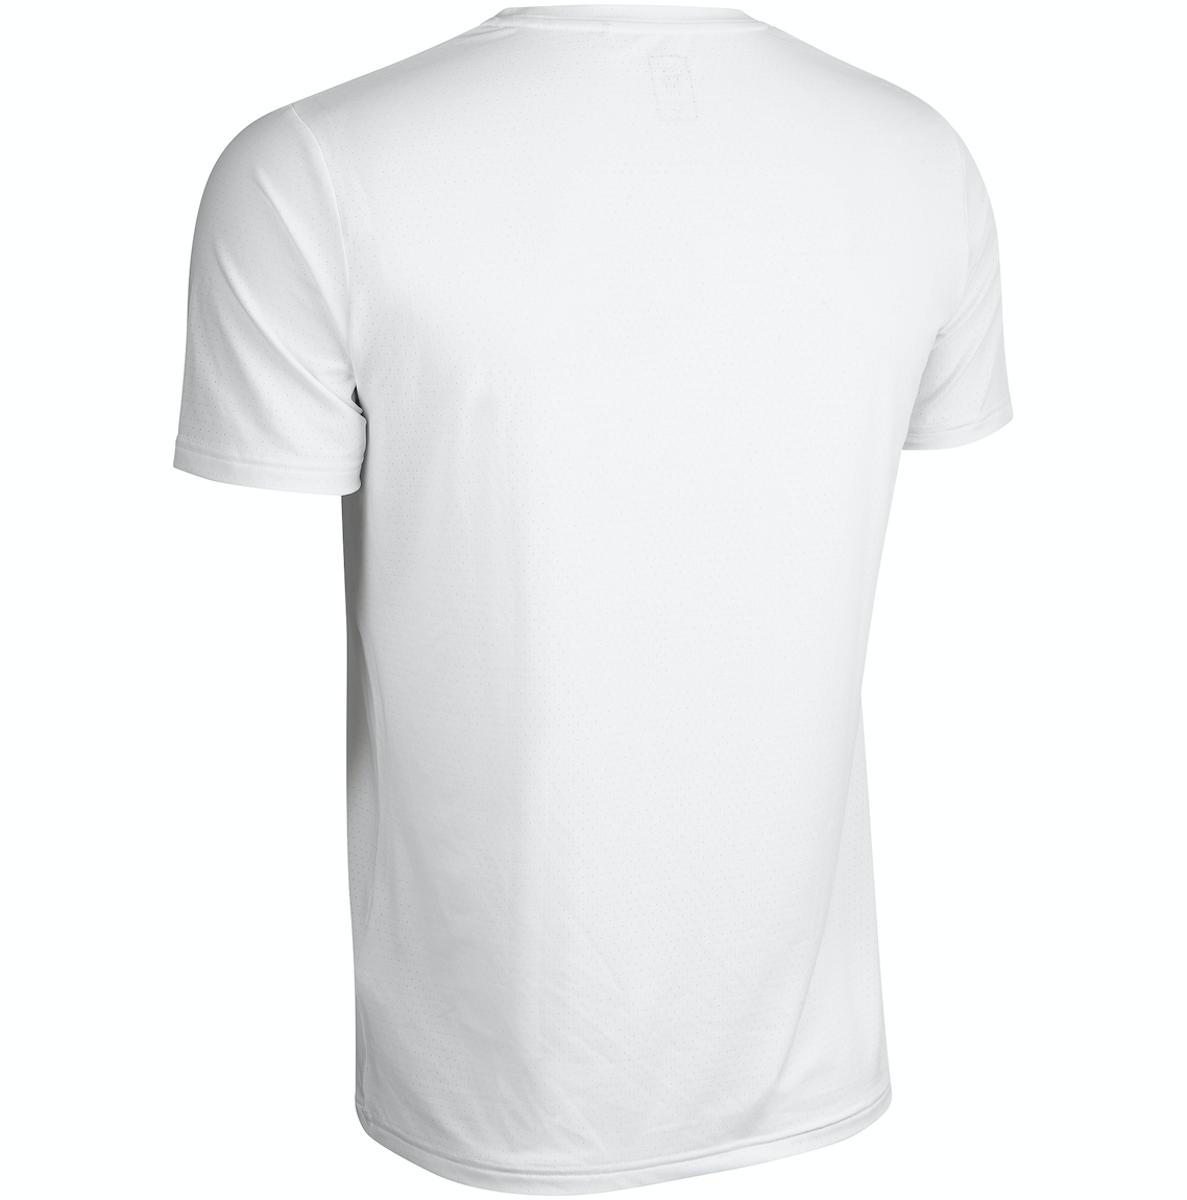 Bilde av Dæhlie t-shirt Focus 332541 1300R briliant white